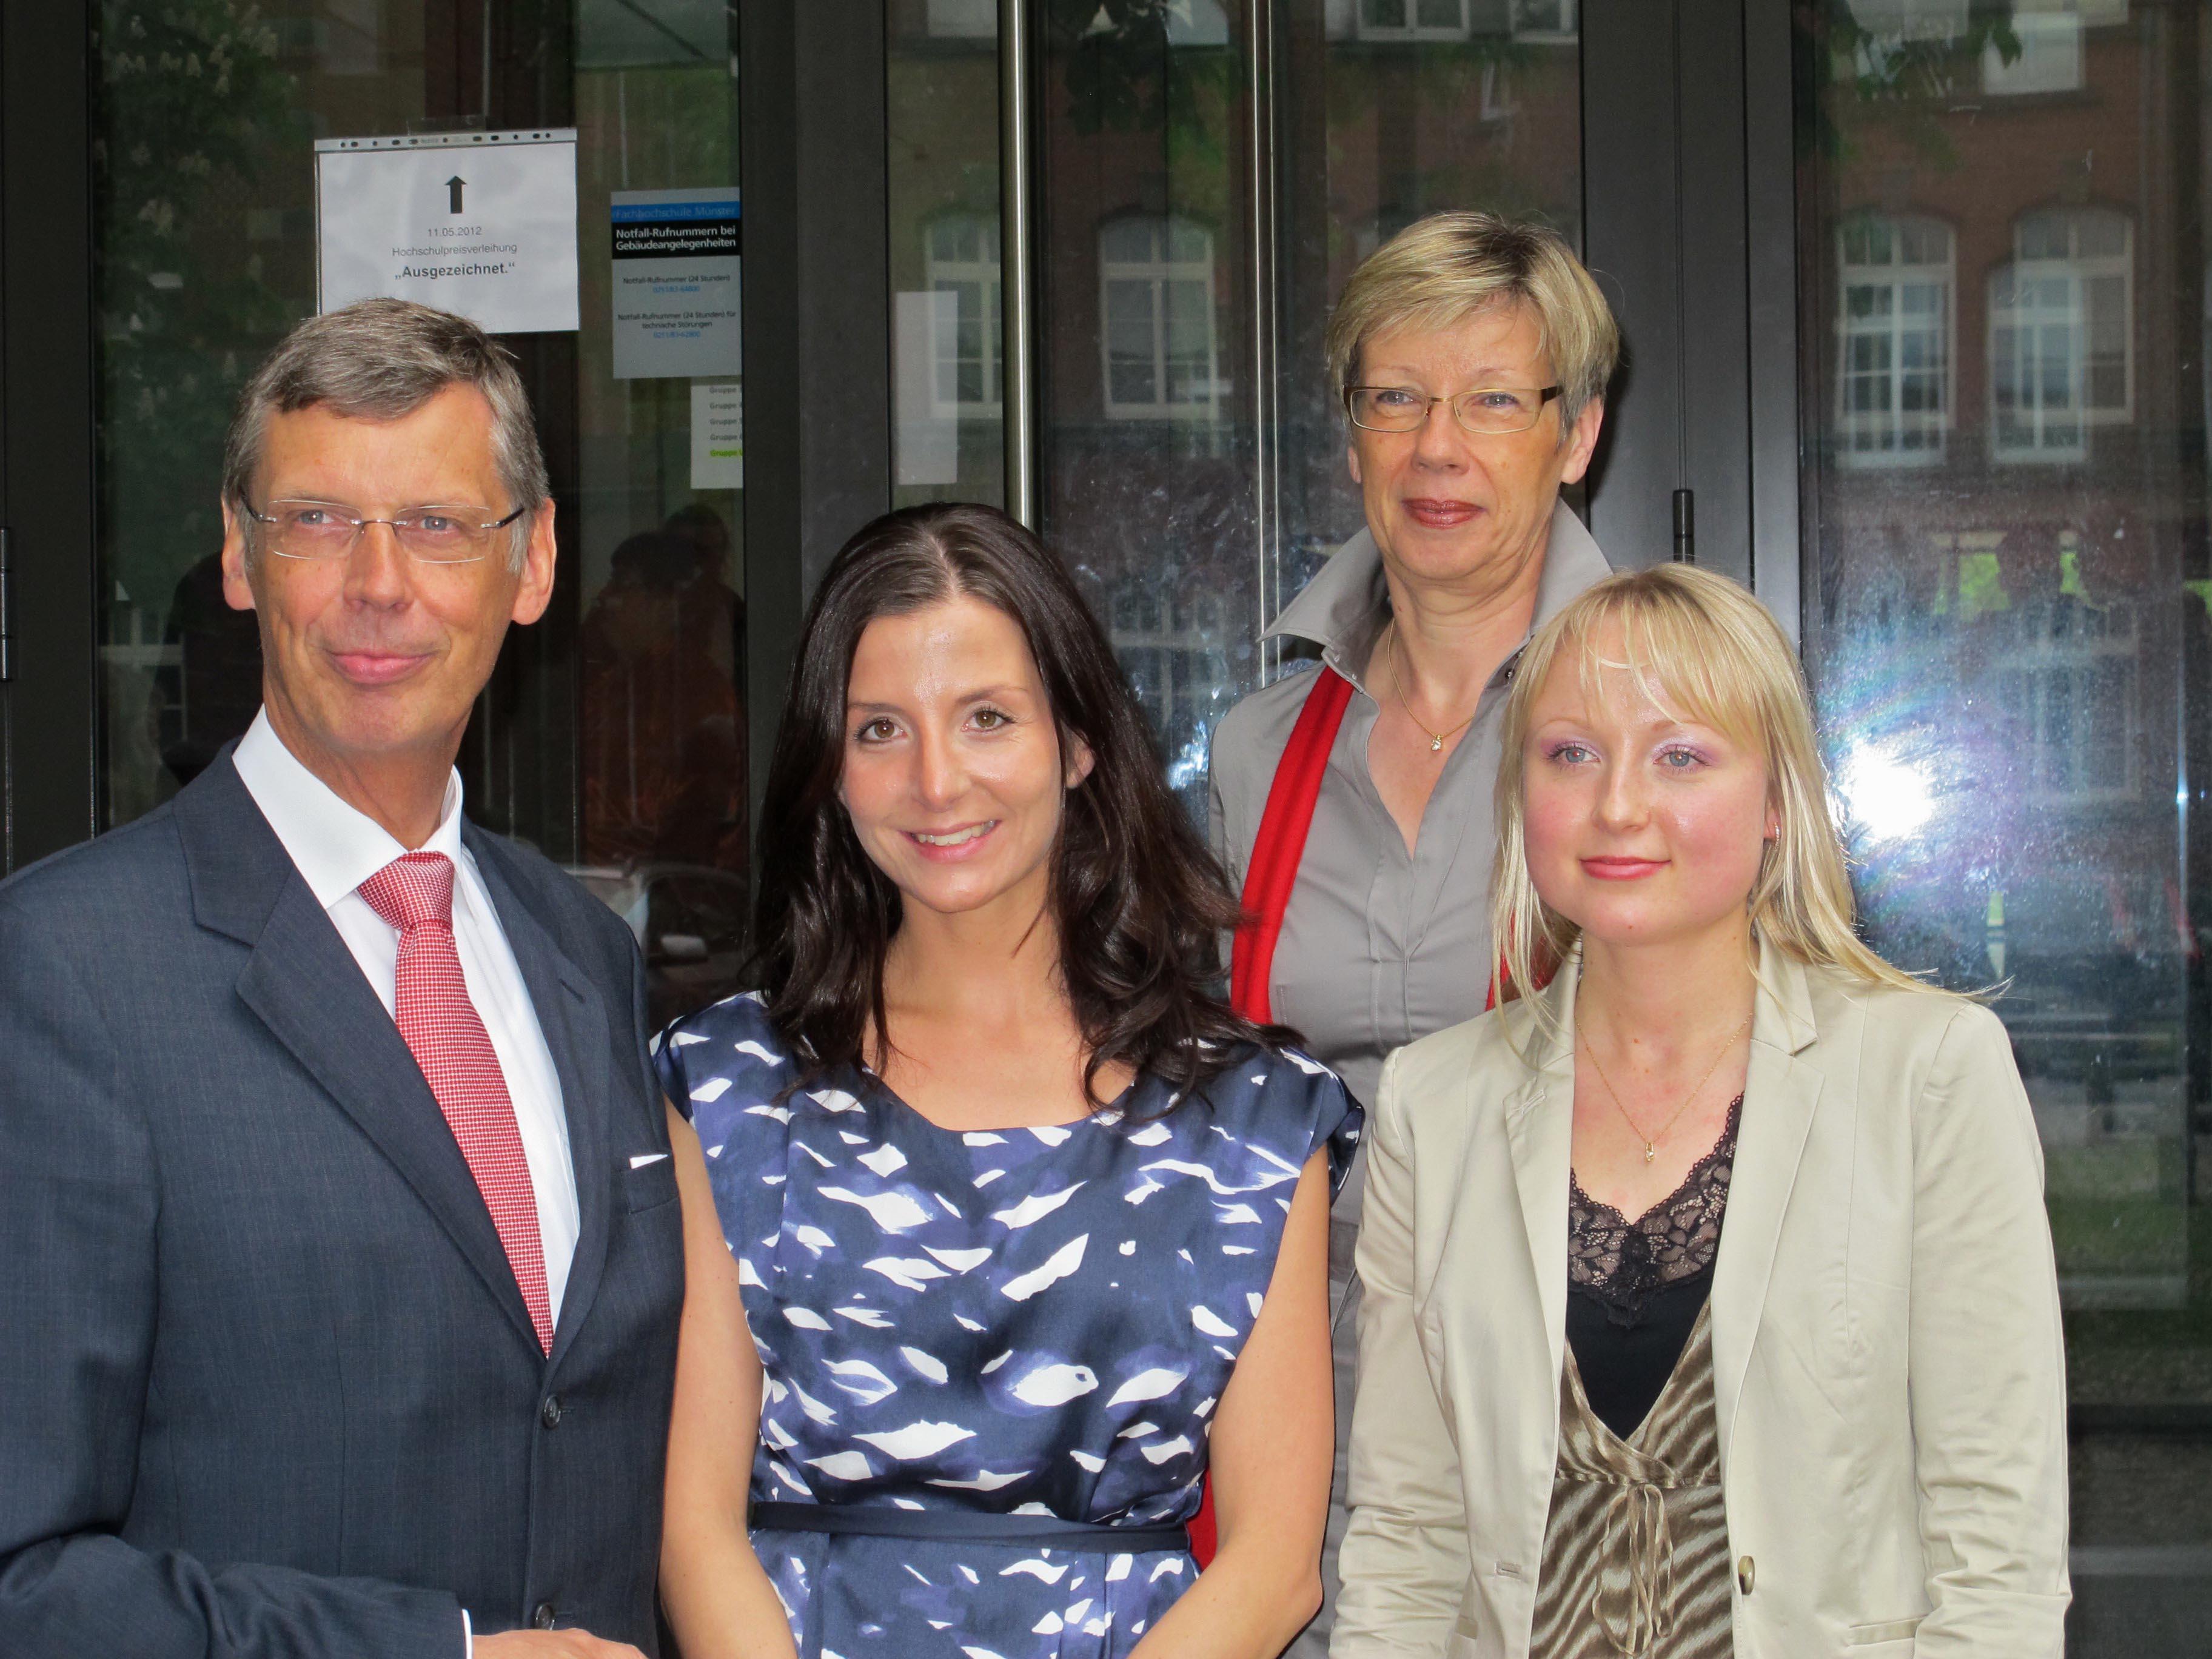 Karl-Friedrich Schulte-Uebbing, Prof. Dr. Ute von Lojewski, Irene Olchowski und Jessica Halbbauer